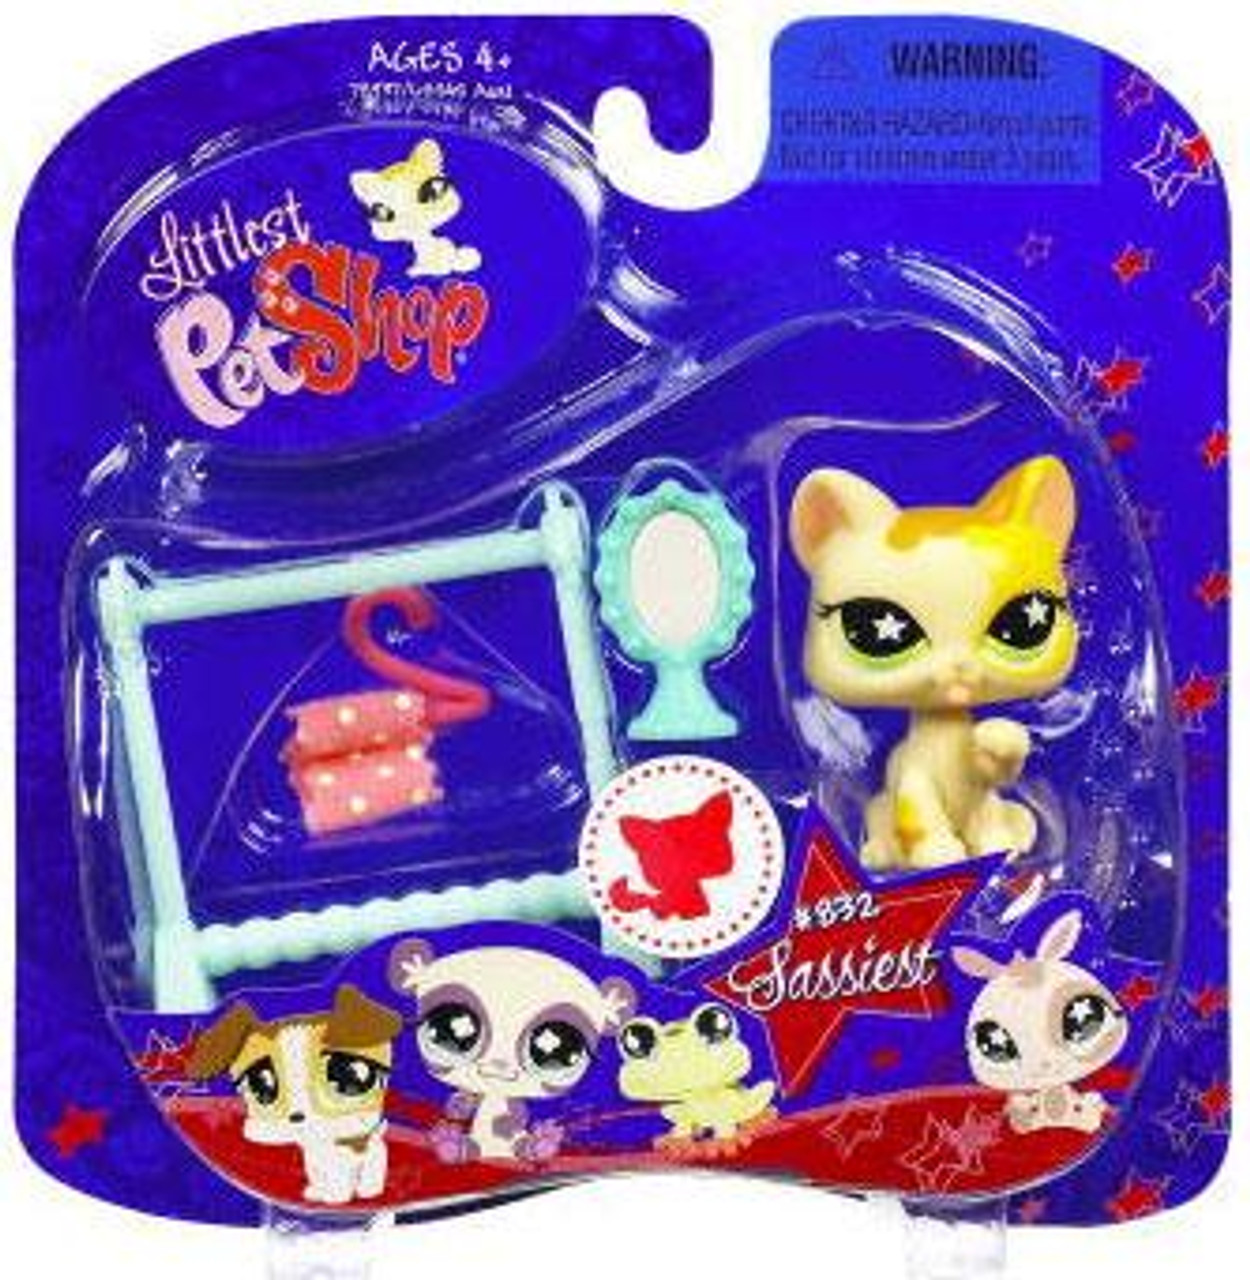 Littlest Pet Shop 2009 Assortment B Series 2 Cat Figure #832 [Clothes Rack & Mirror]